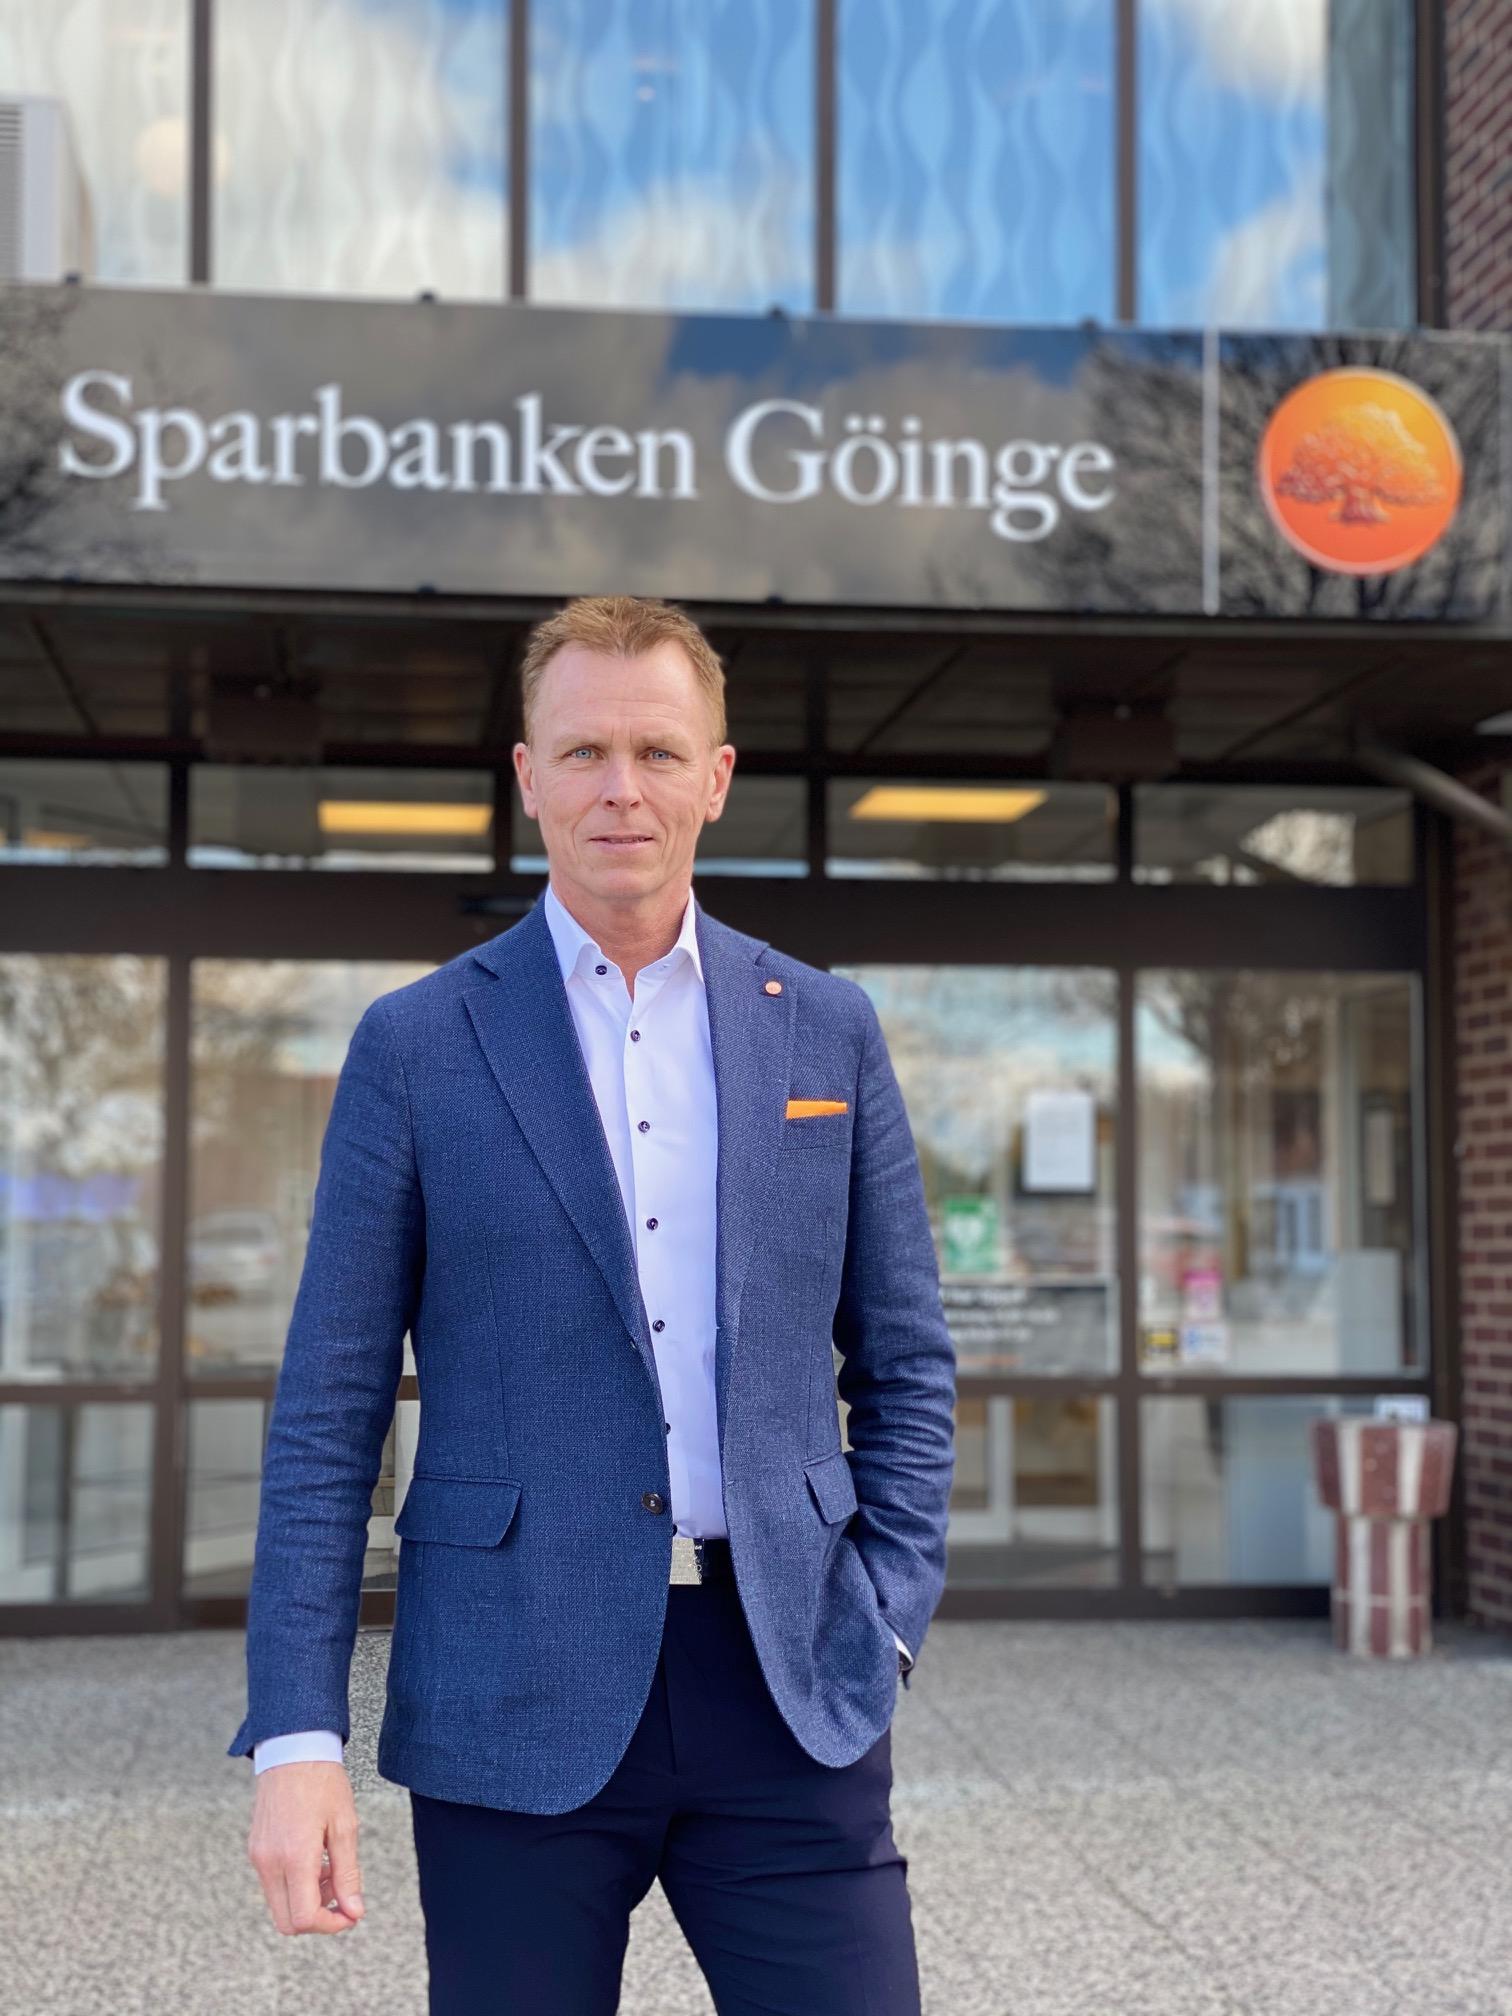 Sparbanken Göinges Stödmiljon